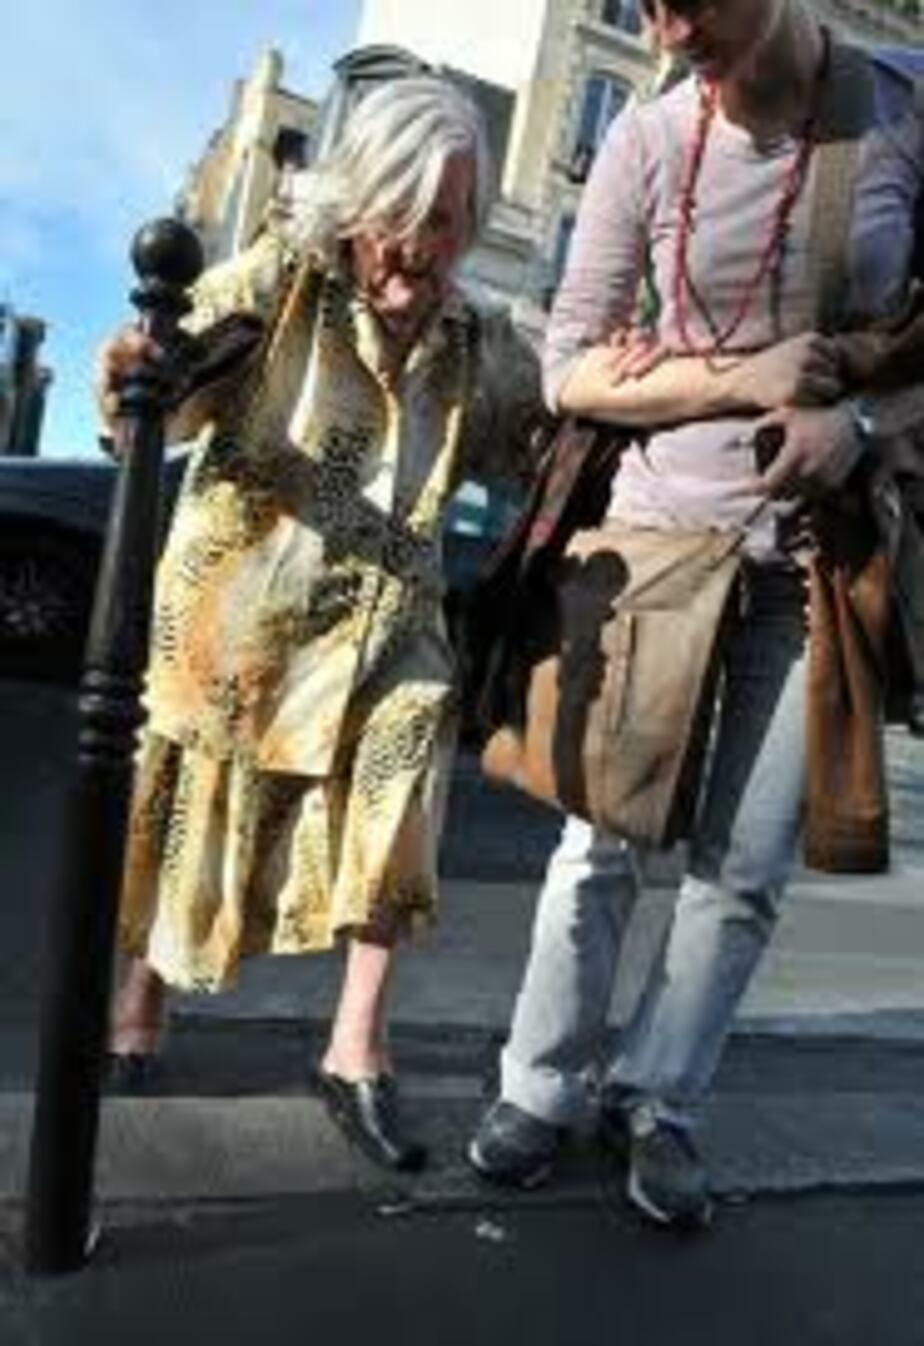 Калининградка обокрала пять пенсионеров- которым помогла перейти дорогу - Новости Калининграда